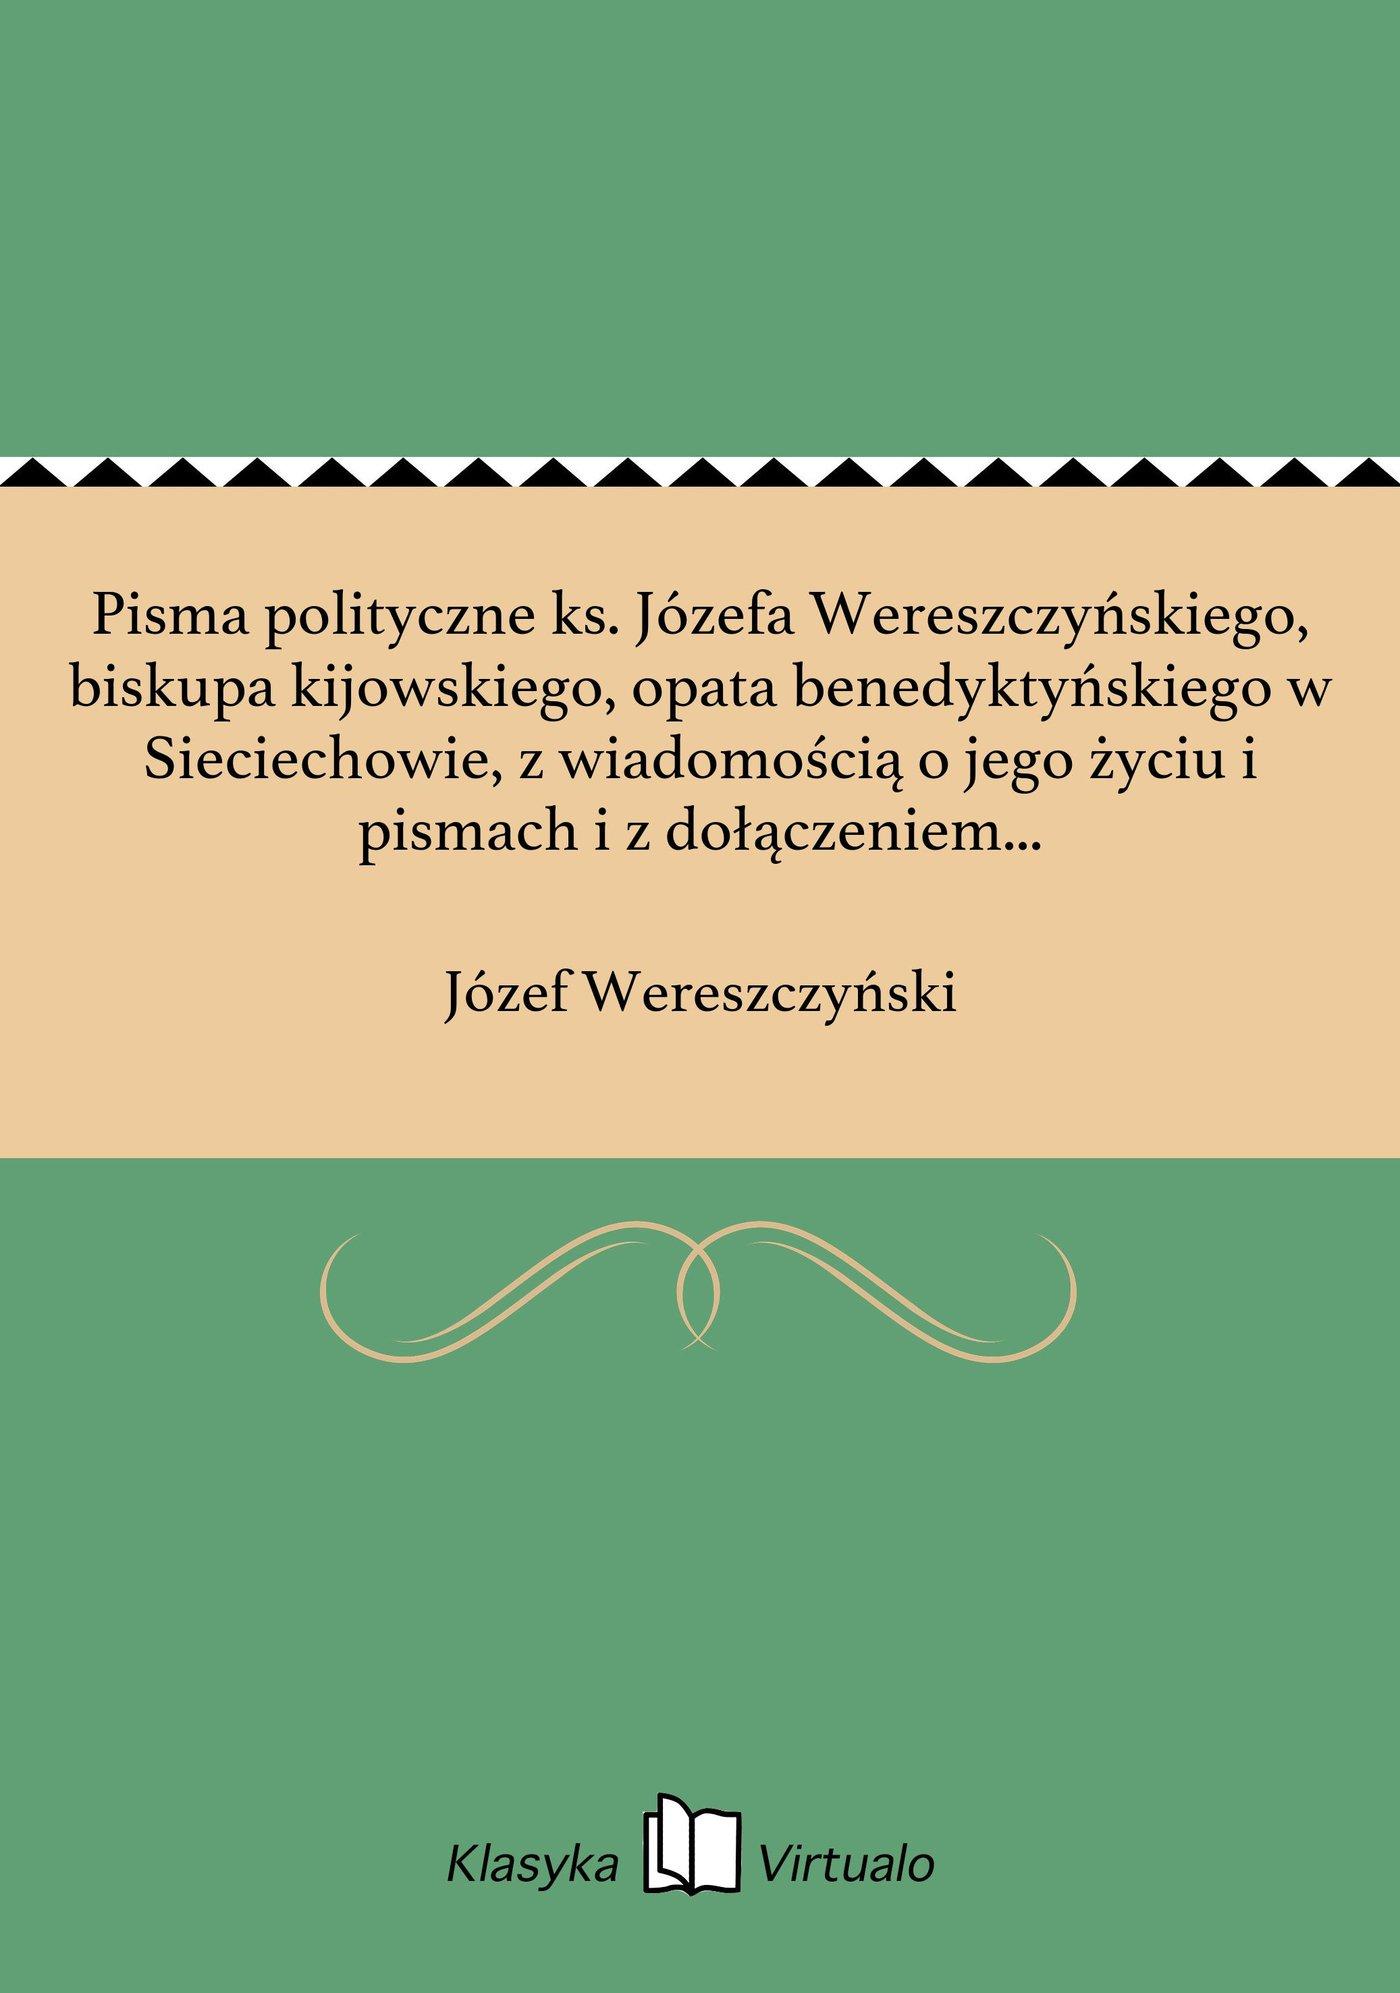 Pisma polityczne ks. Józefa Wereszczyńskiego, biskupa kijowskiego, opata benedyktyńskiego w Sieciechowie, z wiadomością o jego życiu i pismach i z dołączeniem podobizny własnoręcznego jego podpisu - Ebook (Książka na Kindle) do pobrania w formacie MOBI